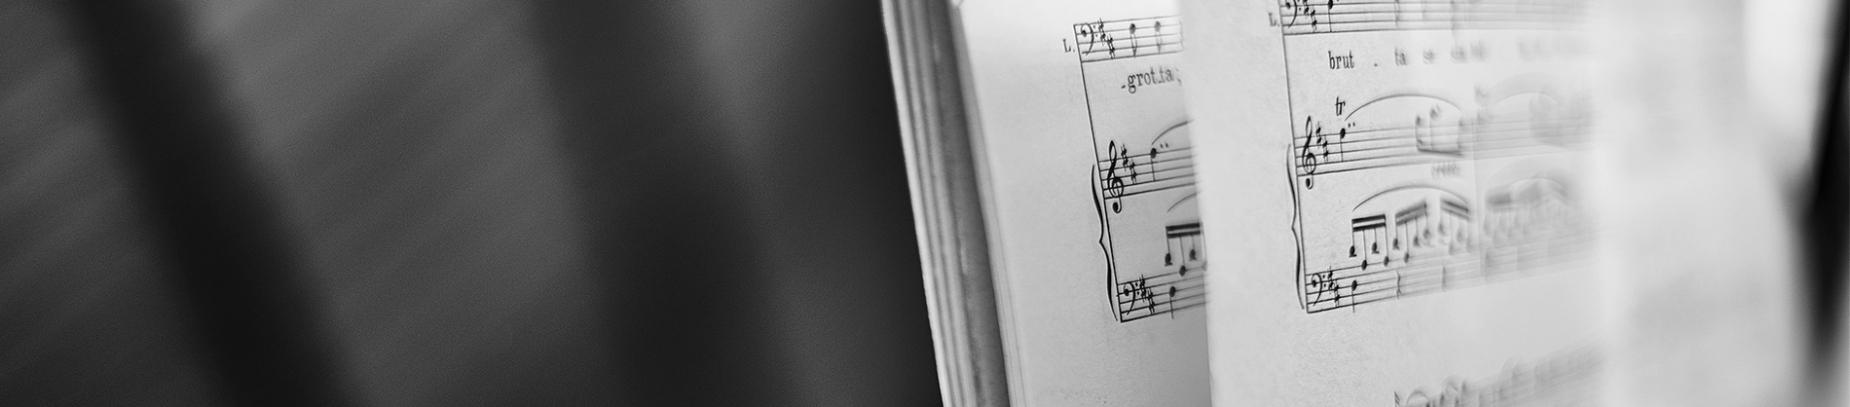 Sheet music stood up on a piano shelf